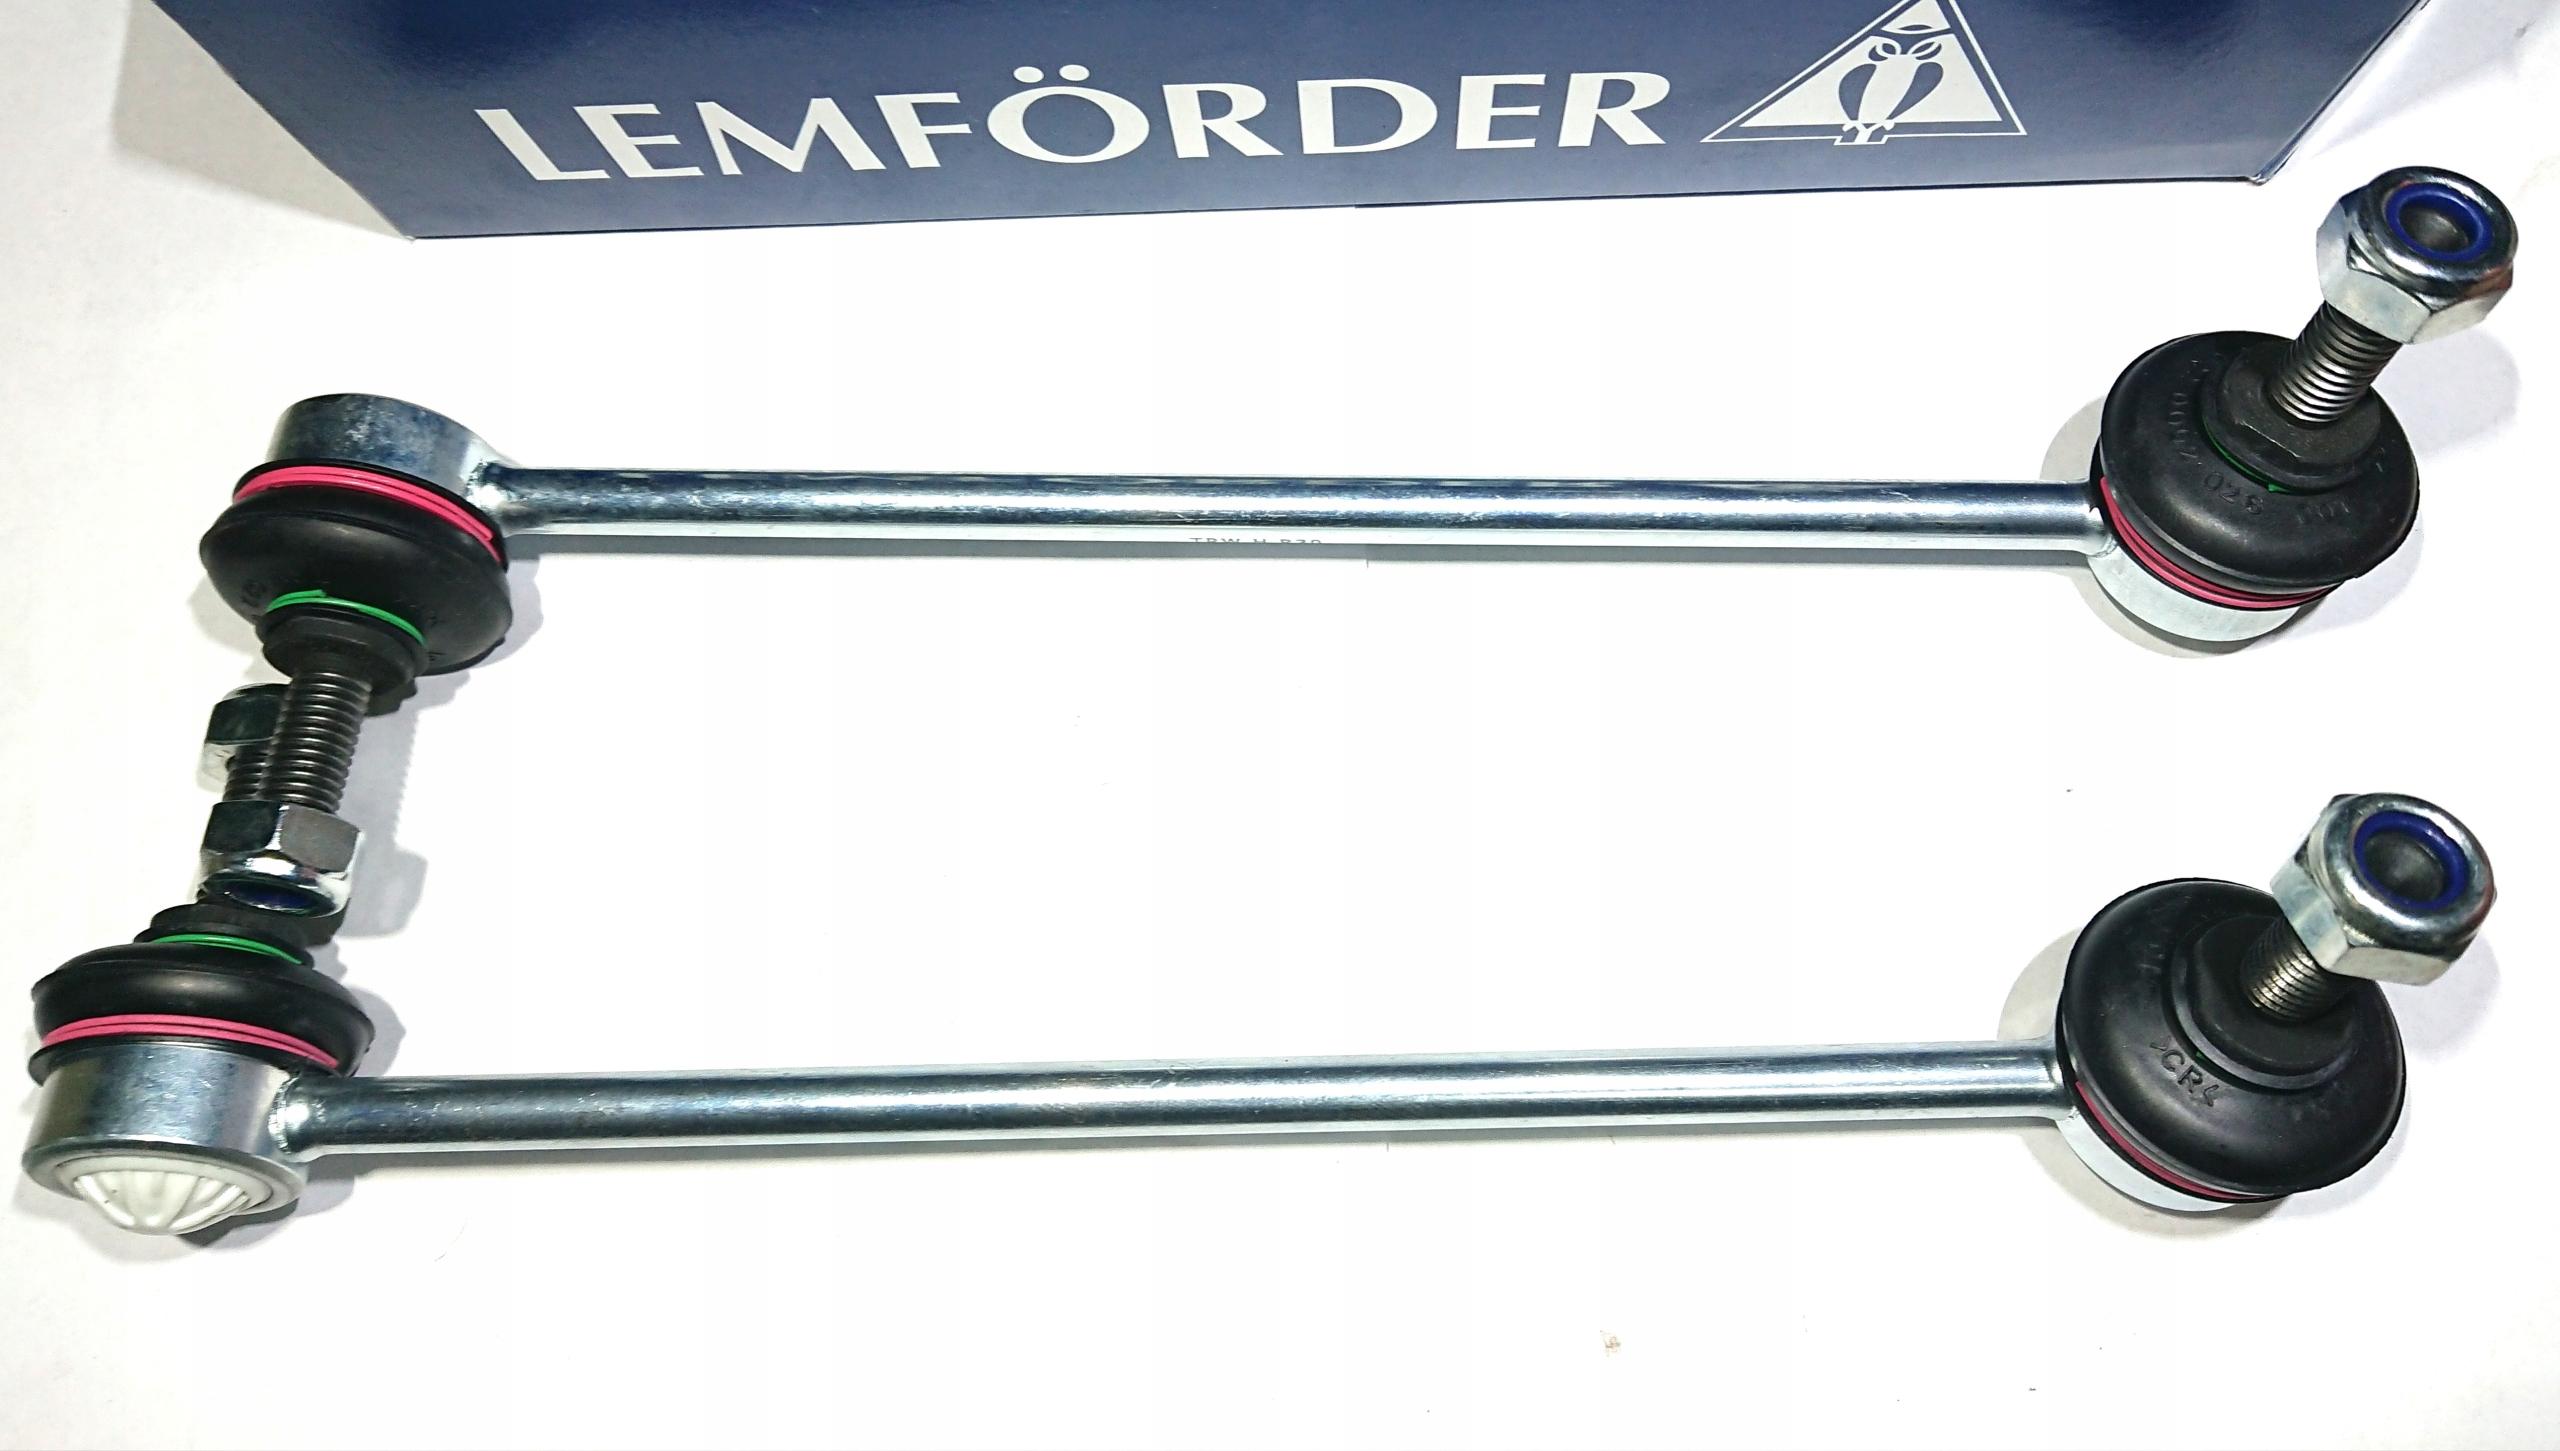 2x lemforder Крепеж стабилизатора вперед bmw e60